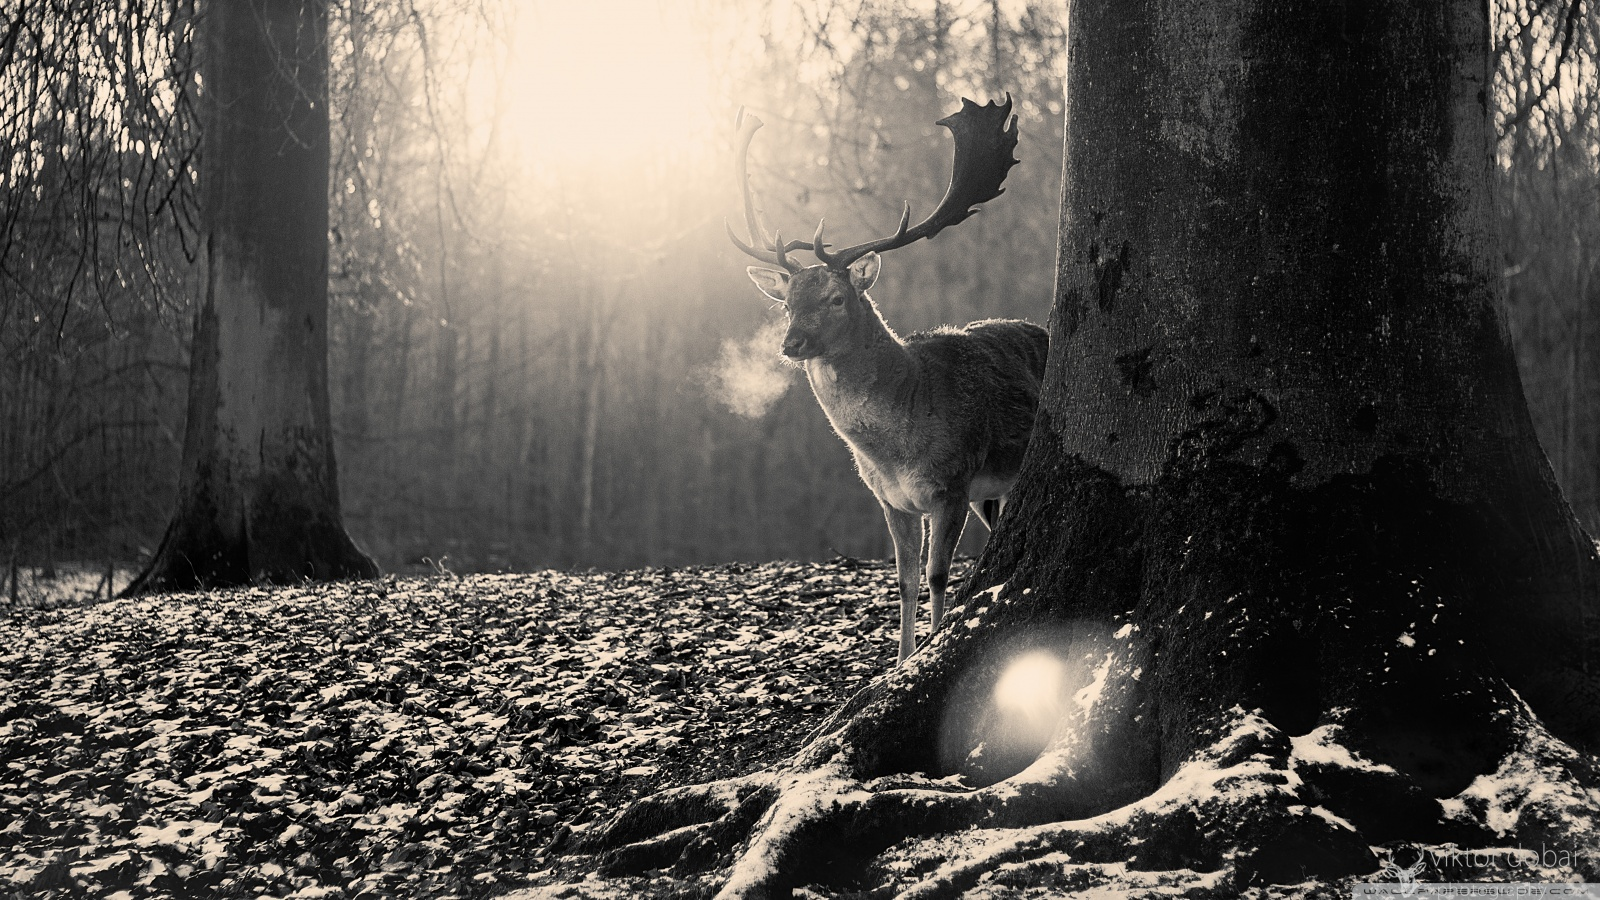 cervo nella foresta in bianco e nero